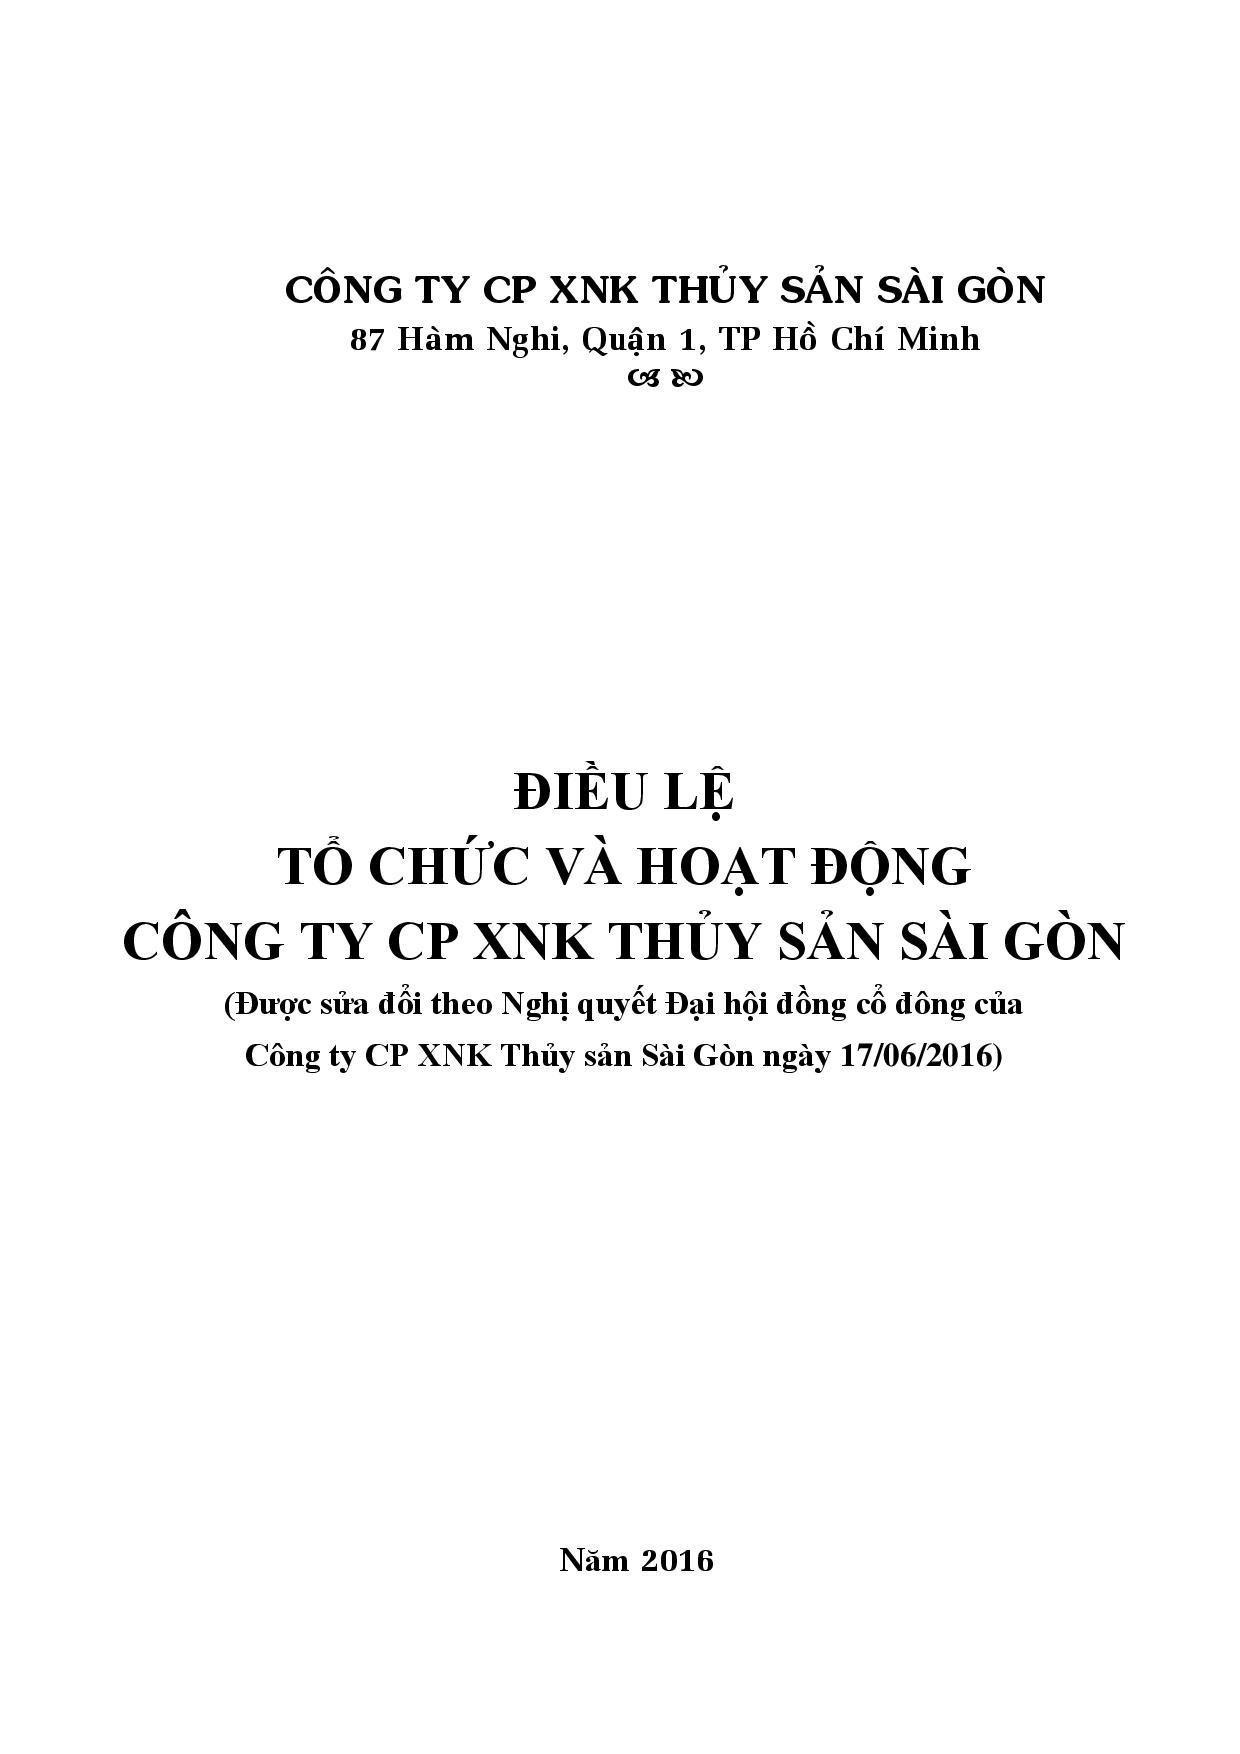 1572016113_dieu-le-Seaprodex-Saigon-2016.compressed-page-001